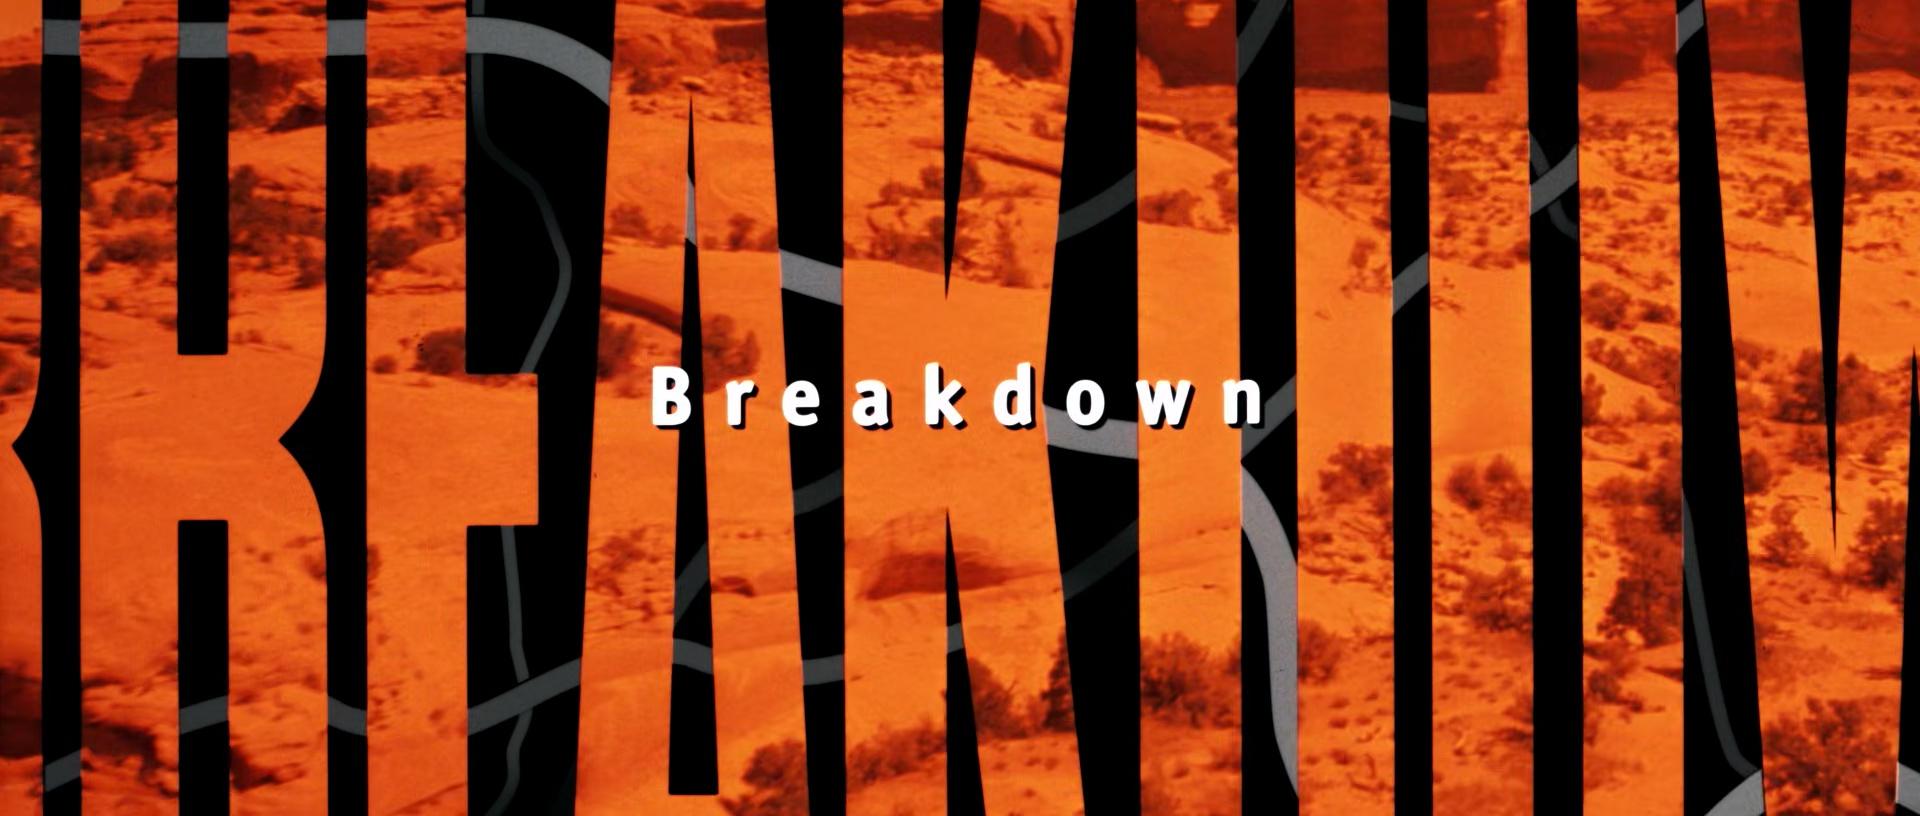 BREAKDOWN de Jonathan Mostow (1997)